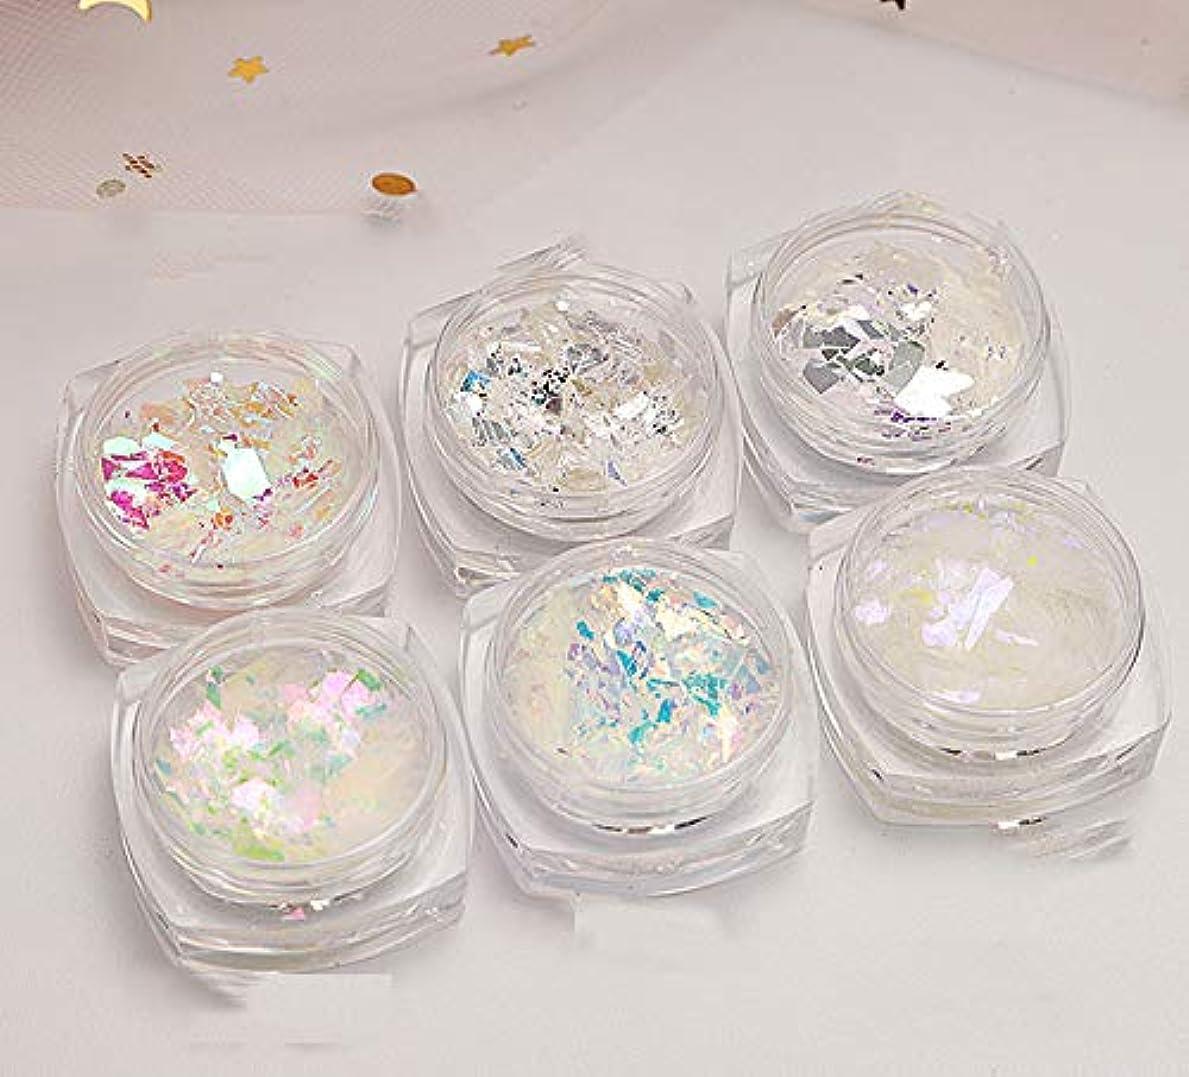 アヒル未知の成熟Takarafune ネイル ホログラム ネイルパーツ オーロラホワイト 乱切 6色セット ミラーアートホイル ネイルアート箔 ジェルネイル用品